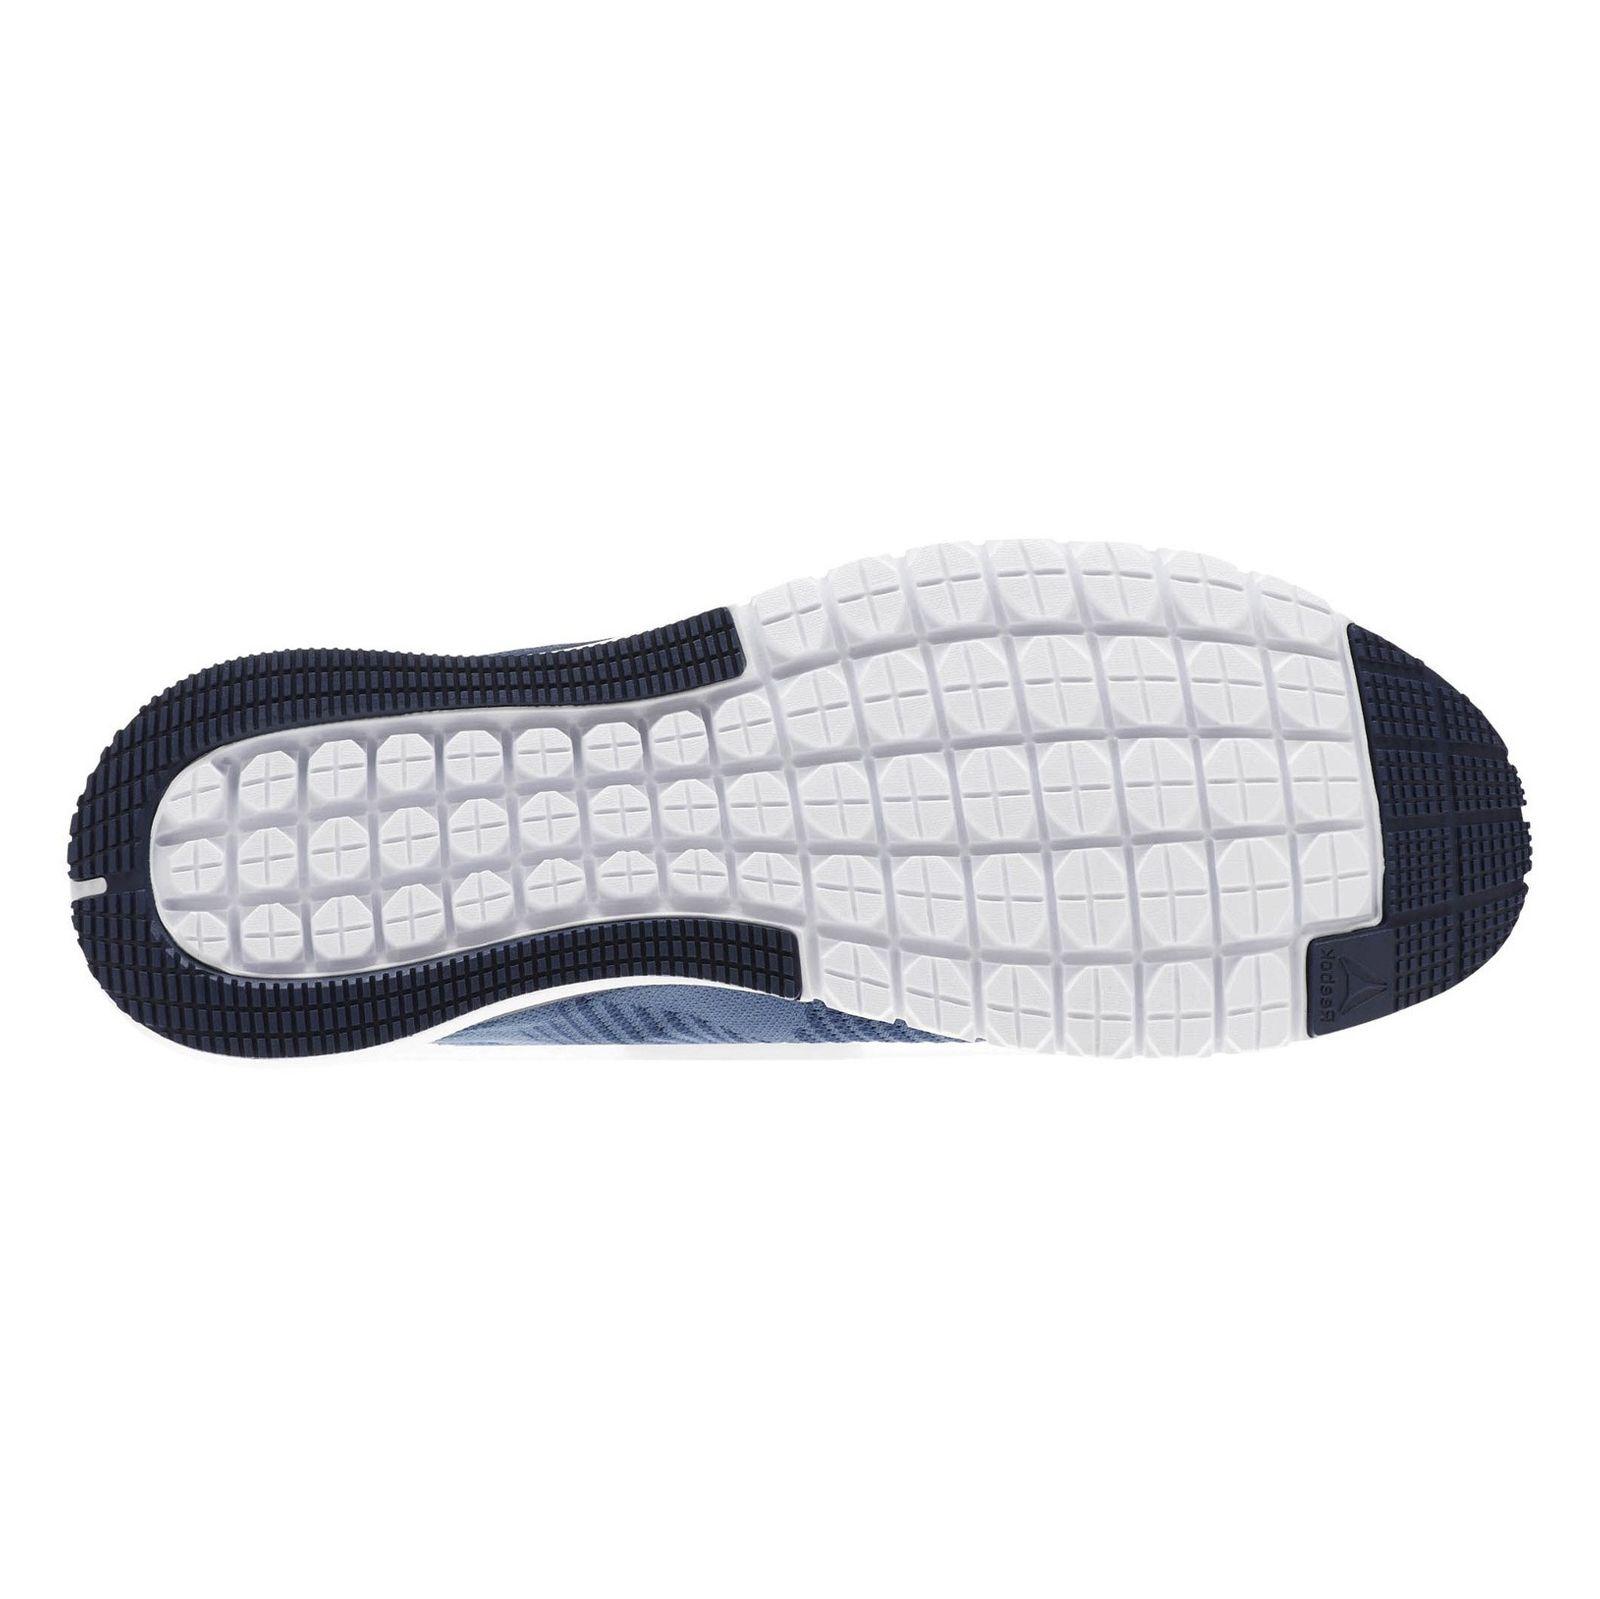 کفش مخصوص دویدن مردانه ریباک مدل Print Smooth 2.0 ULTK - آبي تيره  - 3